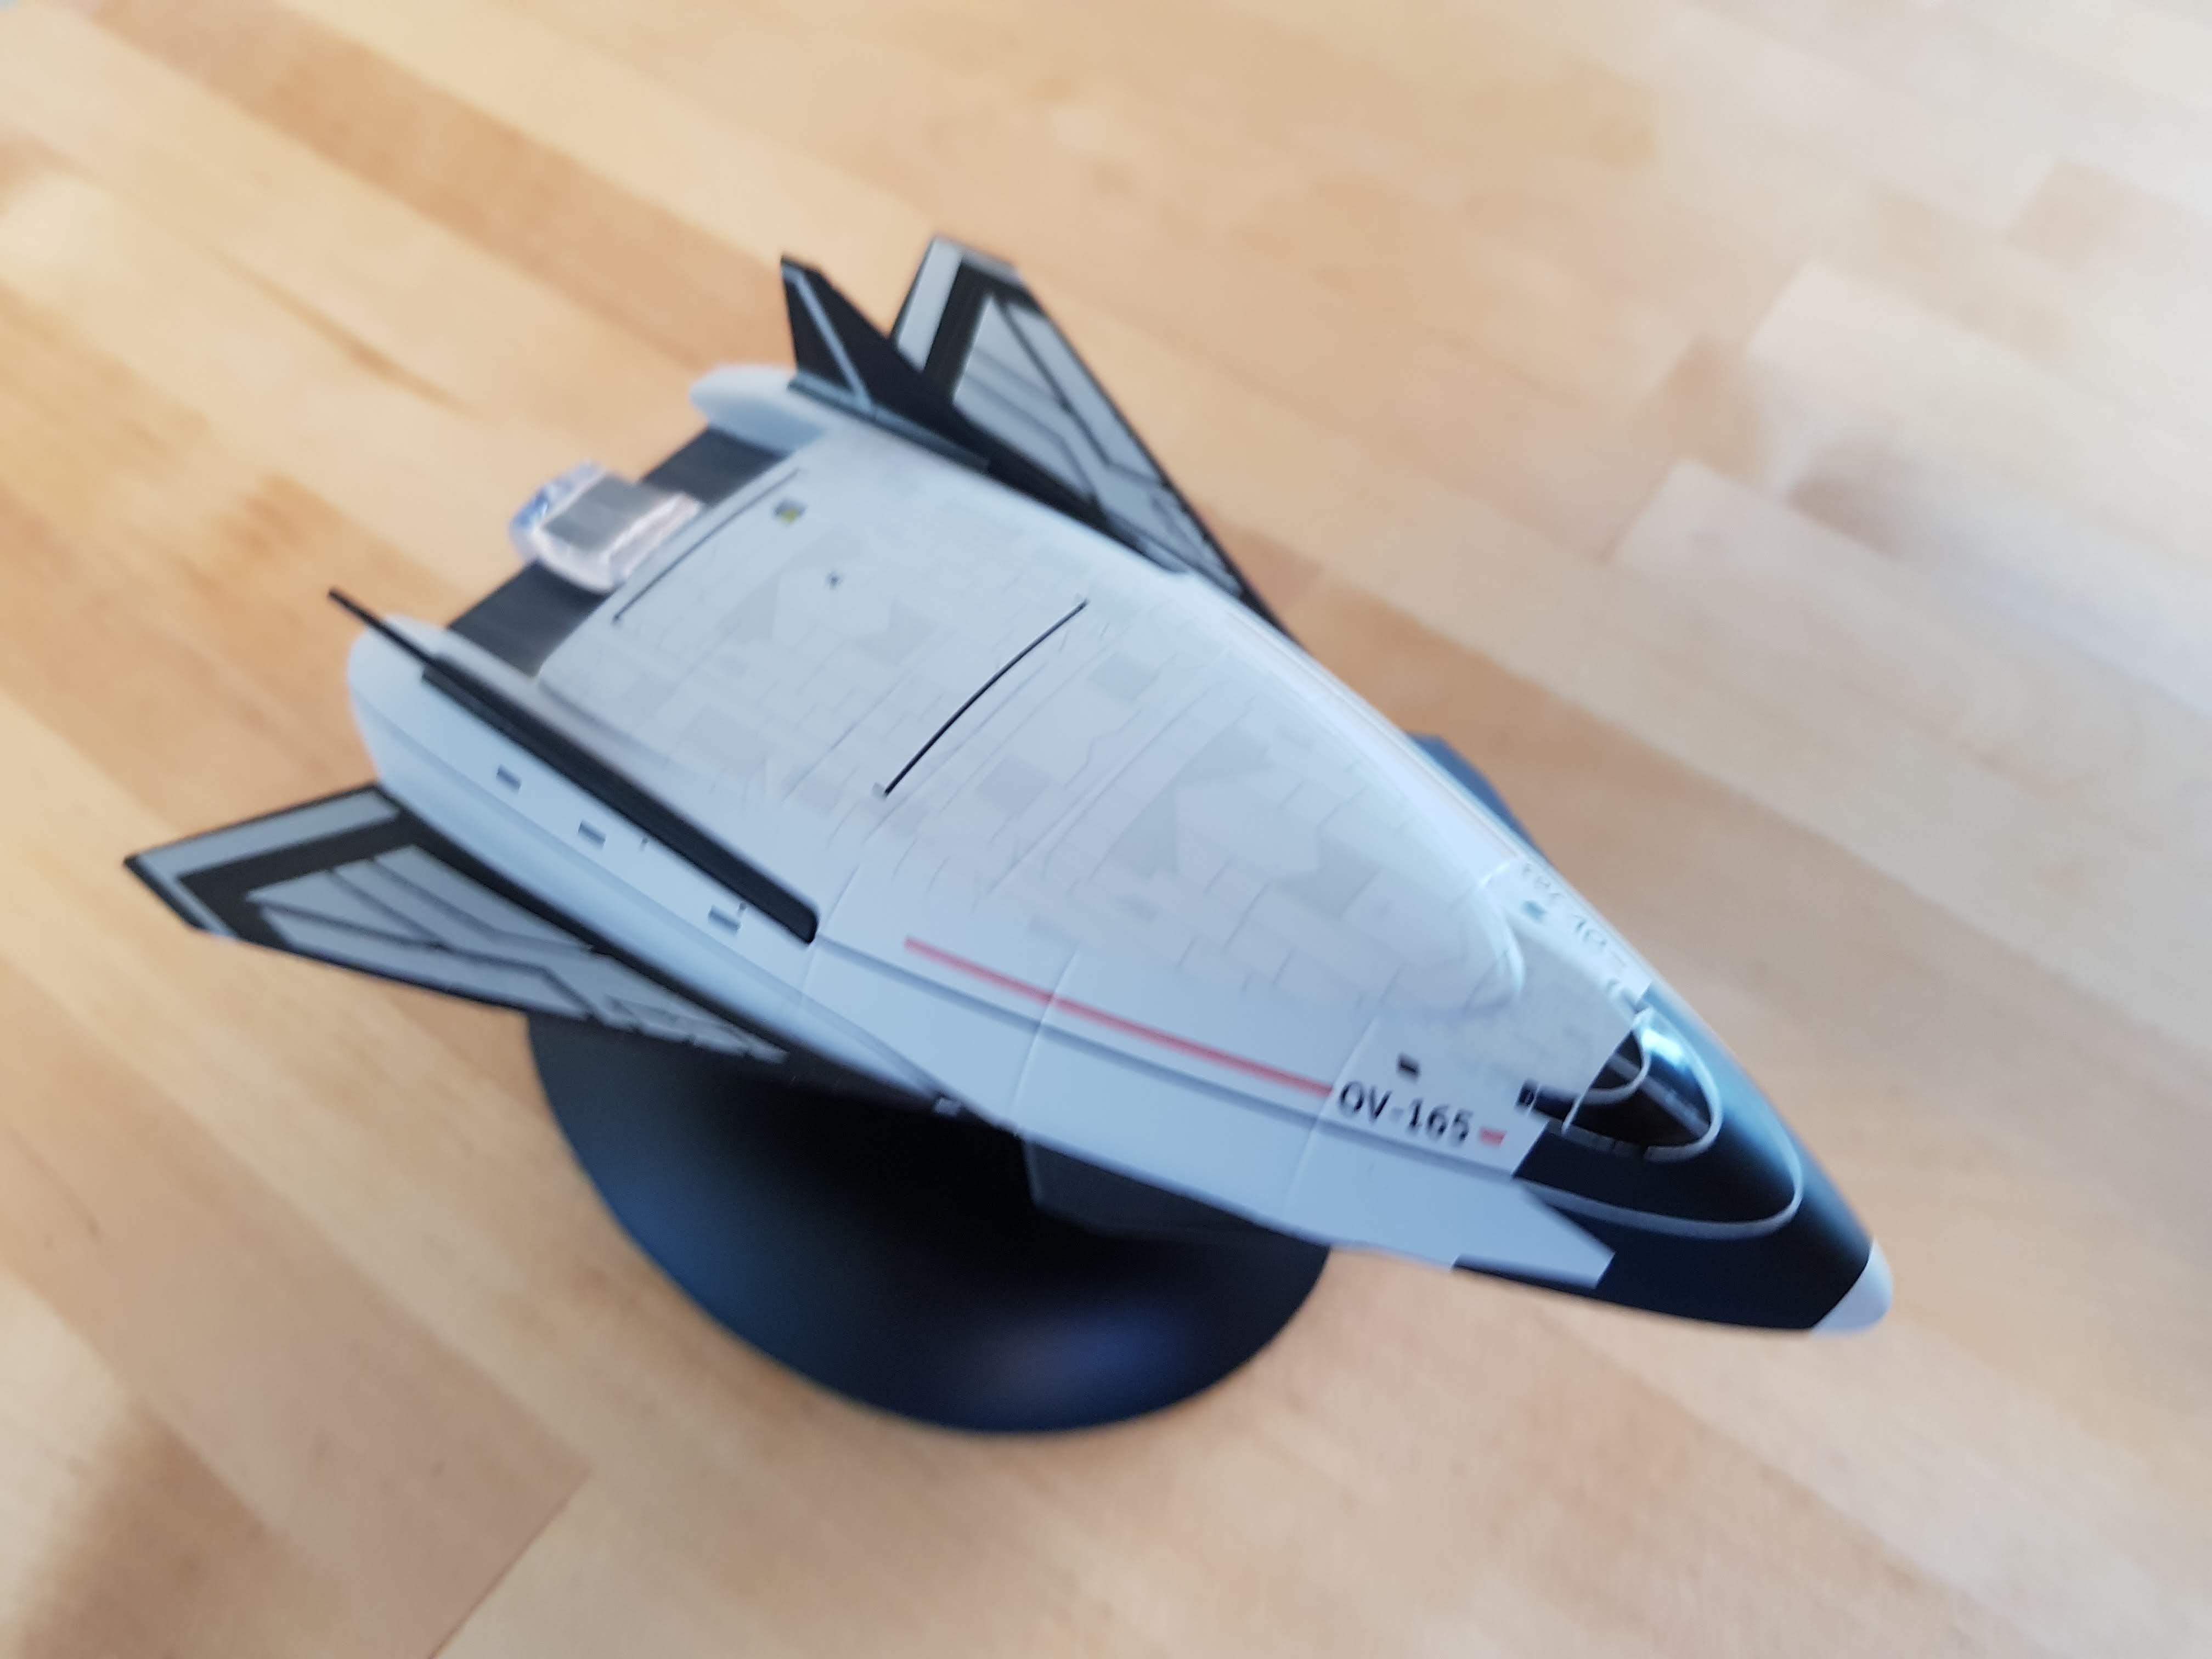 Star Trek Ov-165 2018, Toy NEU Star Trek Starships